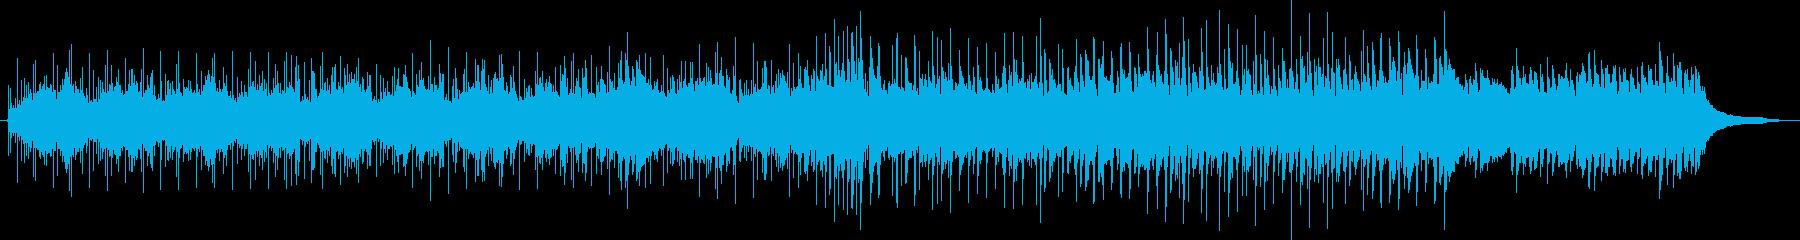 リズムカルコンガミュージックの再生済みの波形